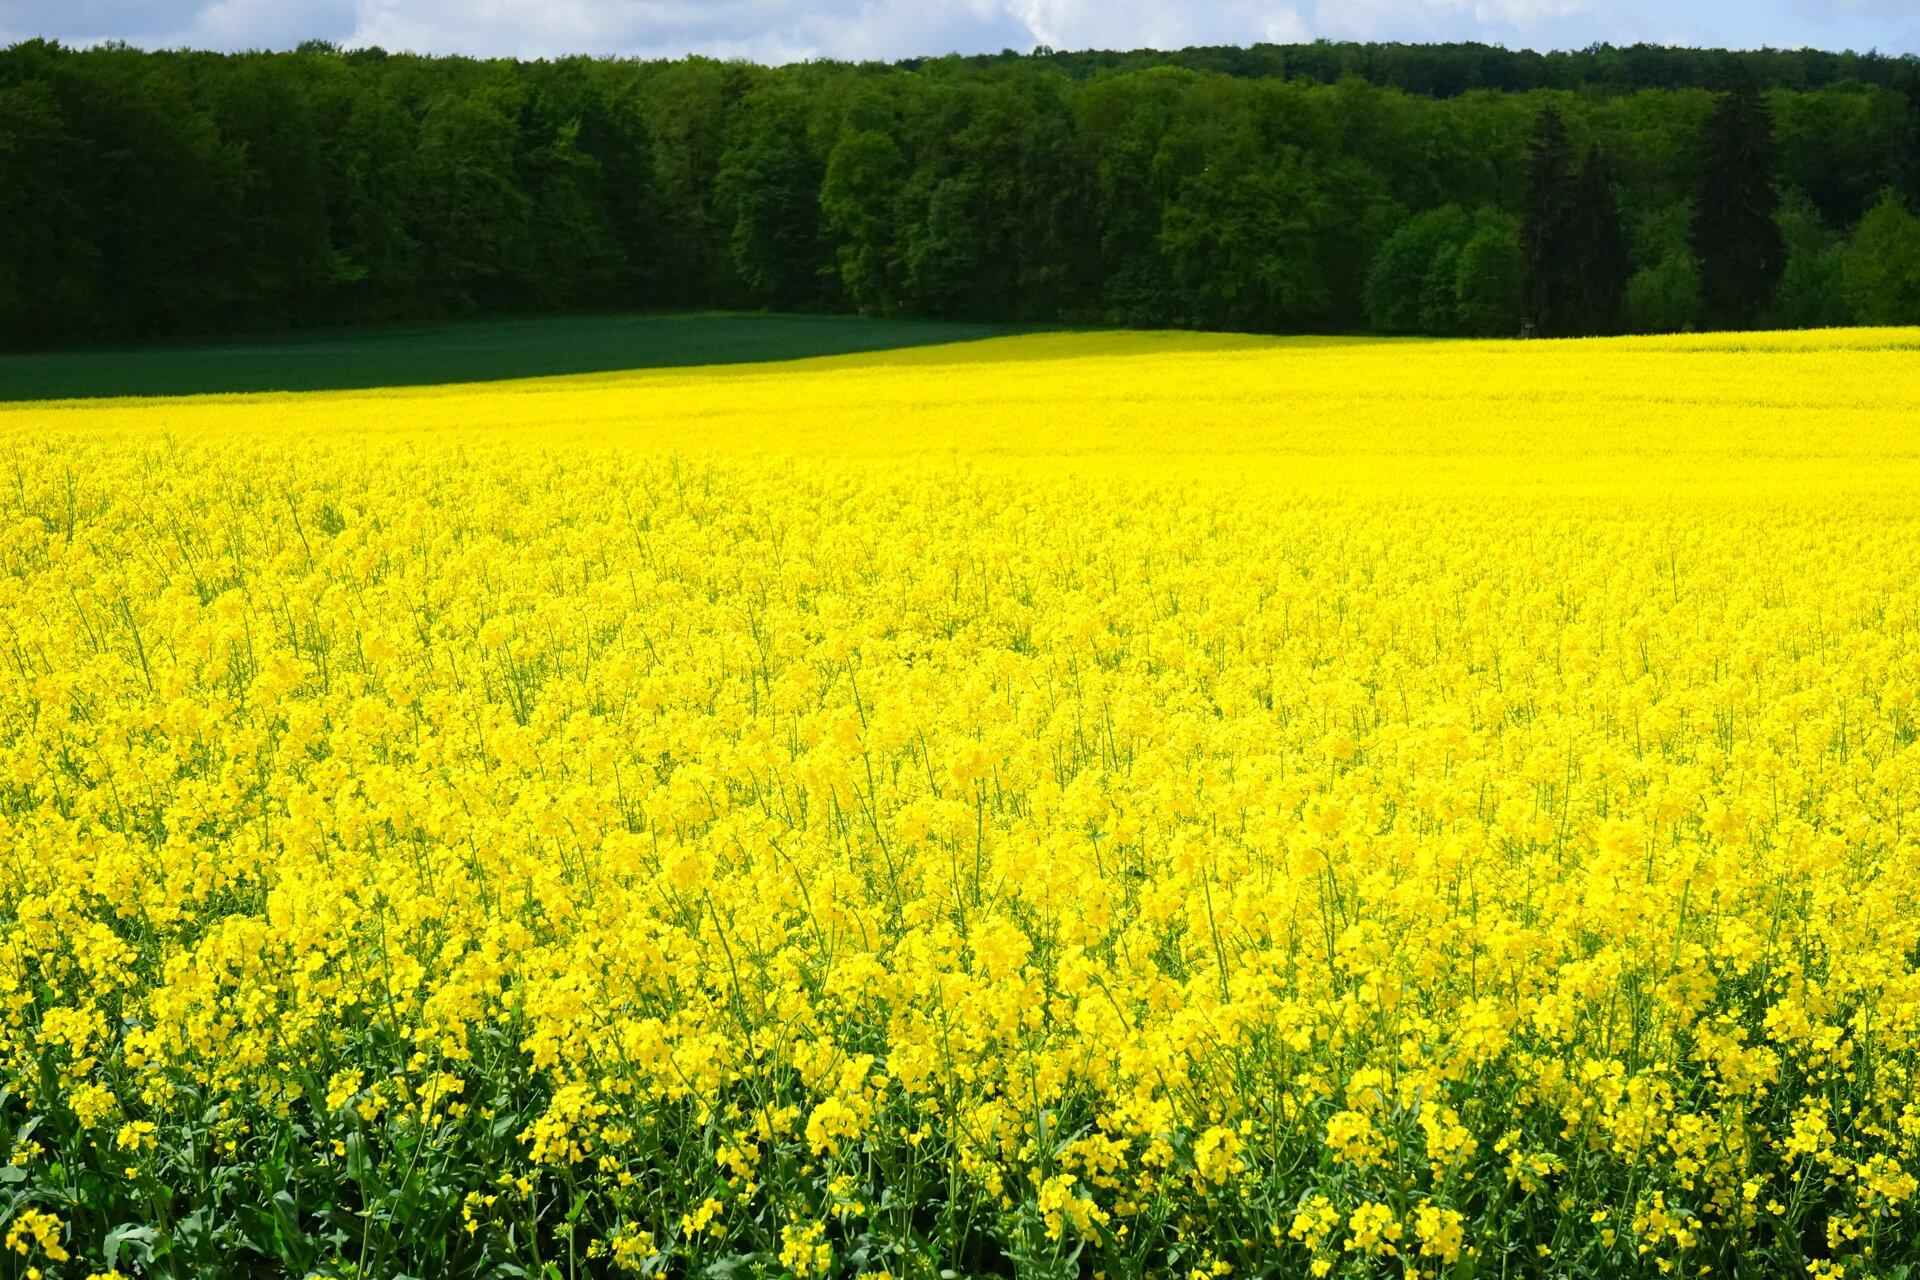 Fotografia pola rzepaku. Widoczne rośliny zżółtymi kwiatami.